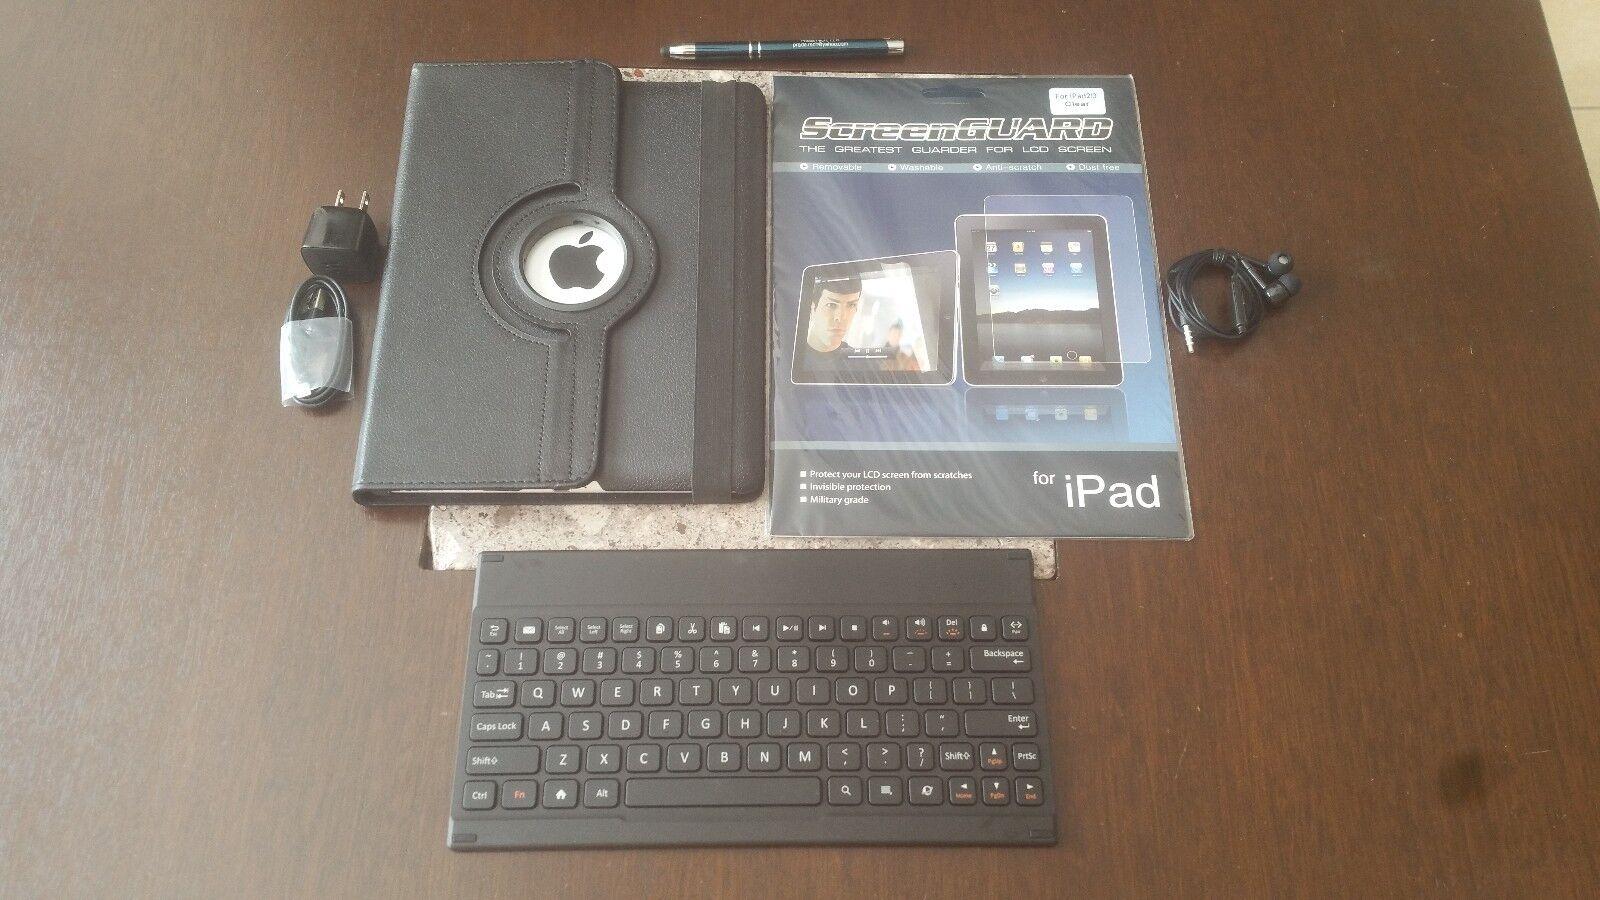 SALE! -Apple iPad 2 (2nd Gen) 64GB Wi-Fi + AT&T Unlocked- W/ ACCESSORIES!!!